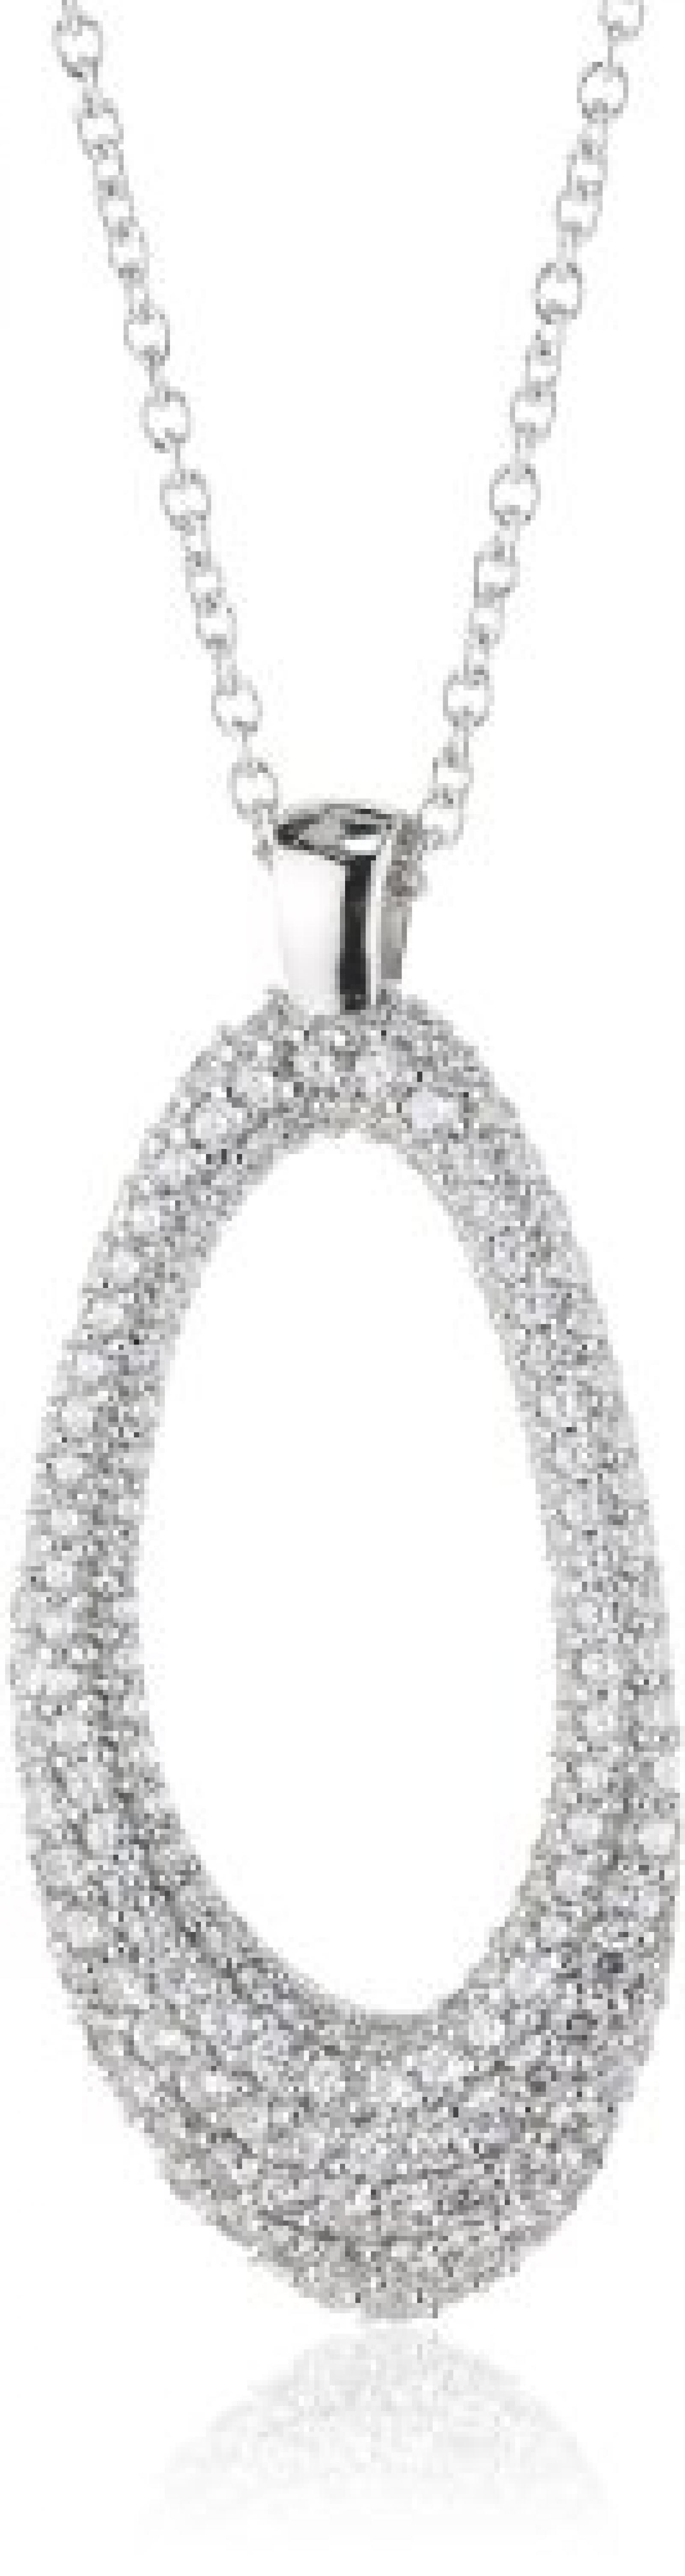 Joop Damen-Halskette mit Anhänger Epoxy schwarz Zirkonia weiss 925 Sterling Silber JPNL90641A450